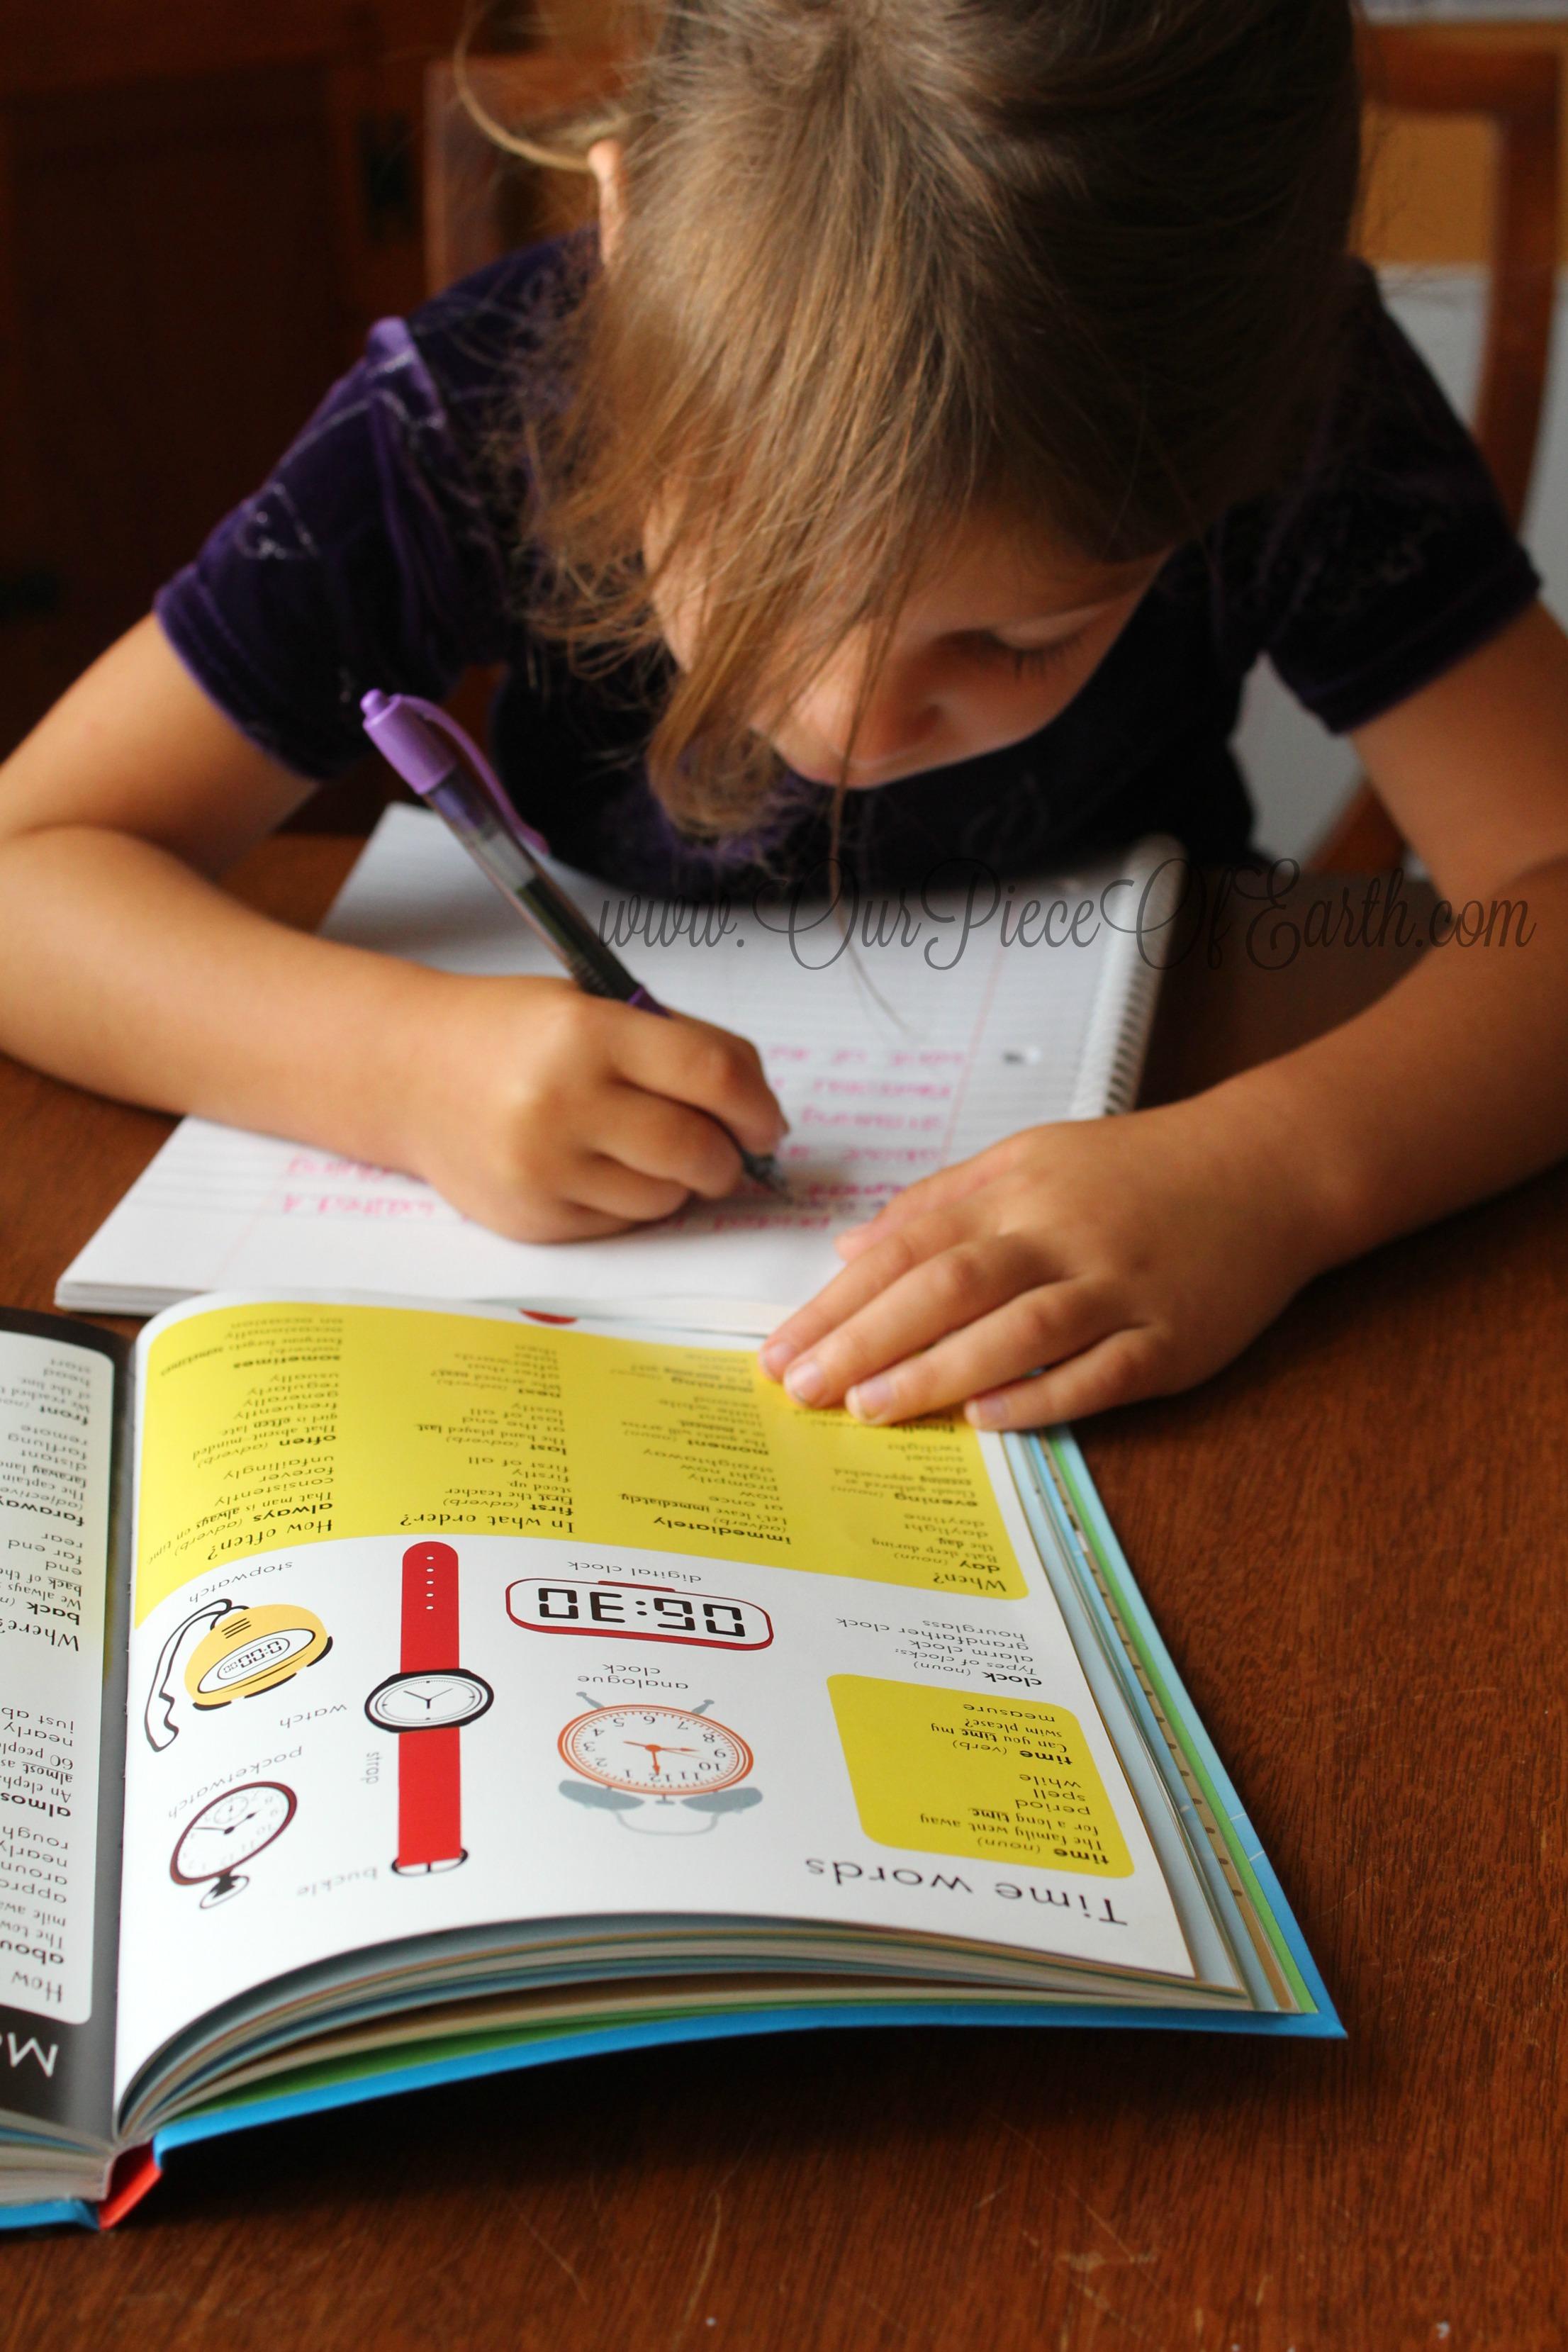 Maggie using Thesaurus